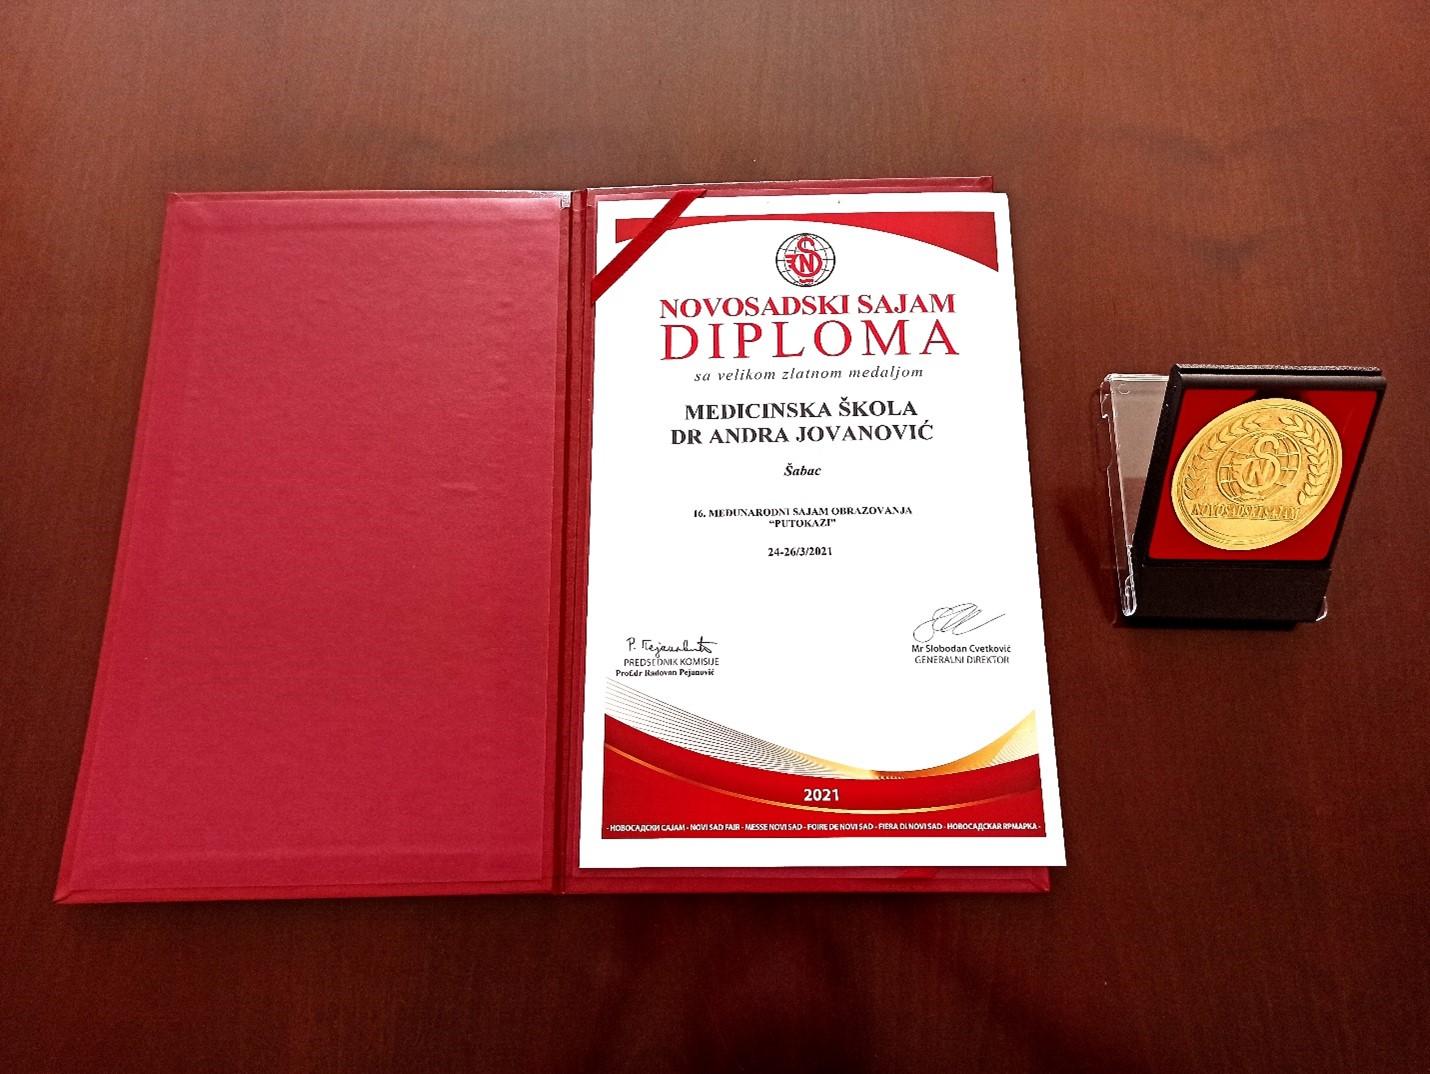 Златна медаља за квалитет васпитно-образовног процеса